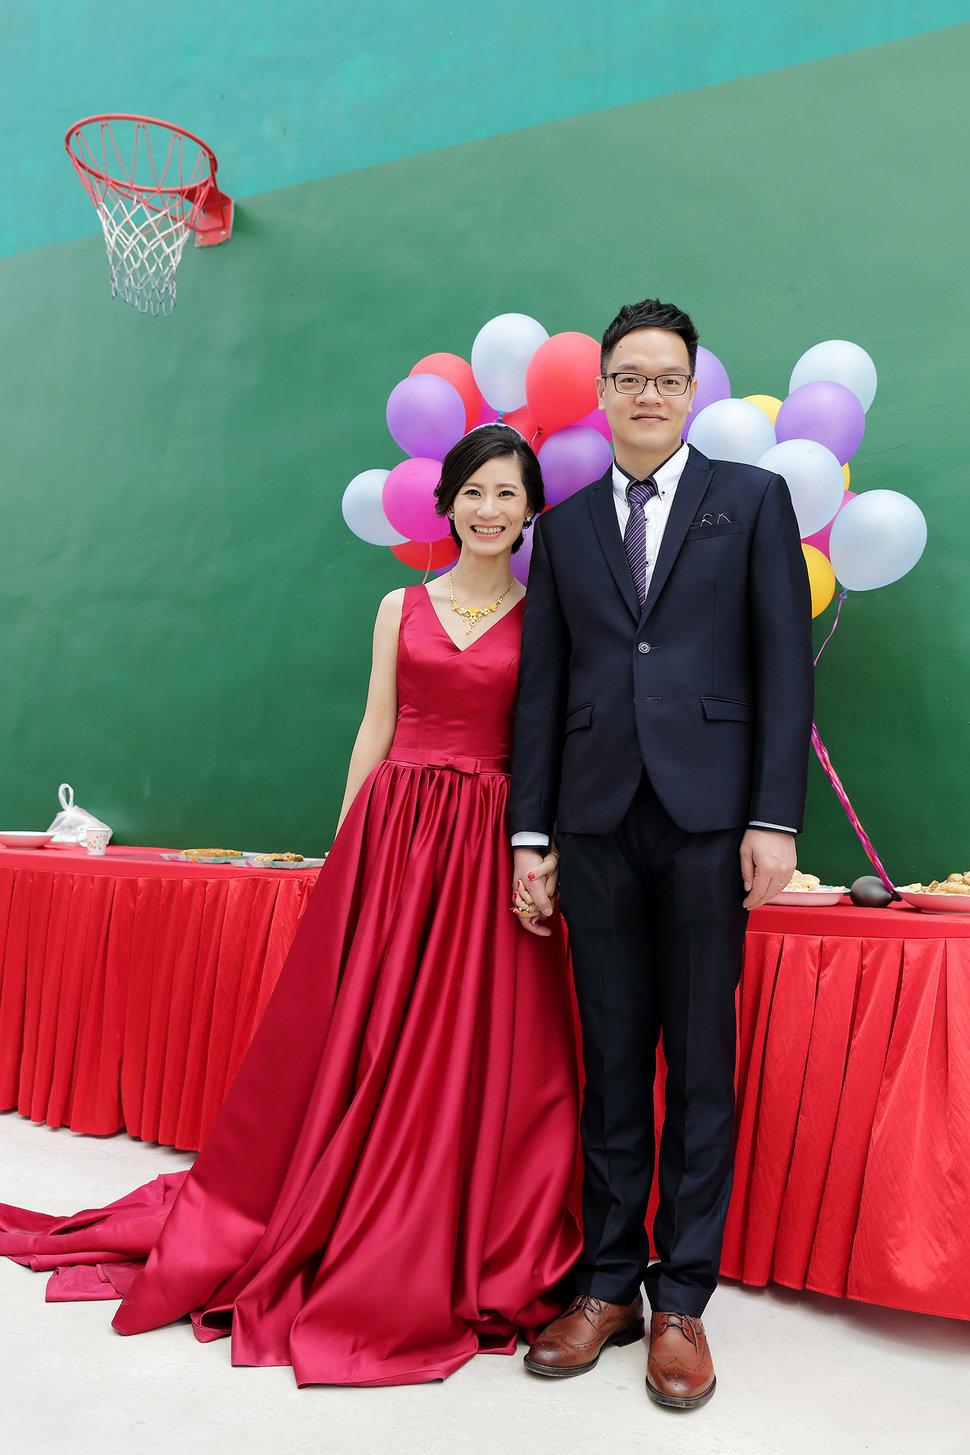 058A1256 - 倪秉影像 婚禮紀實攝影 - 結婚吧